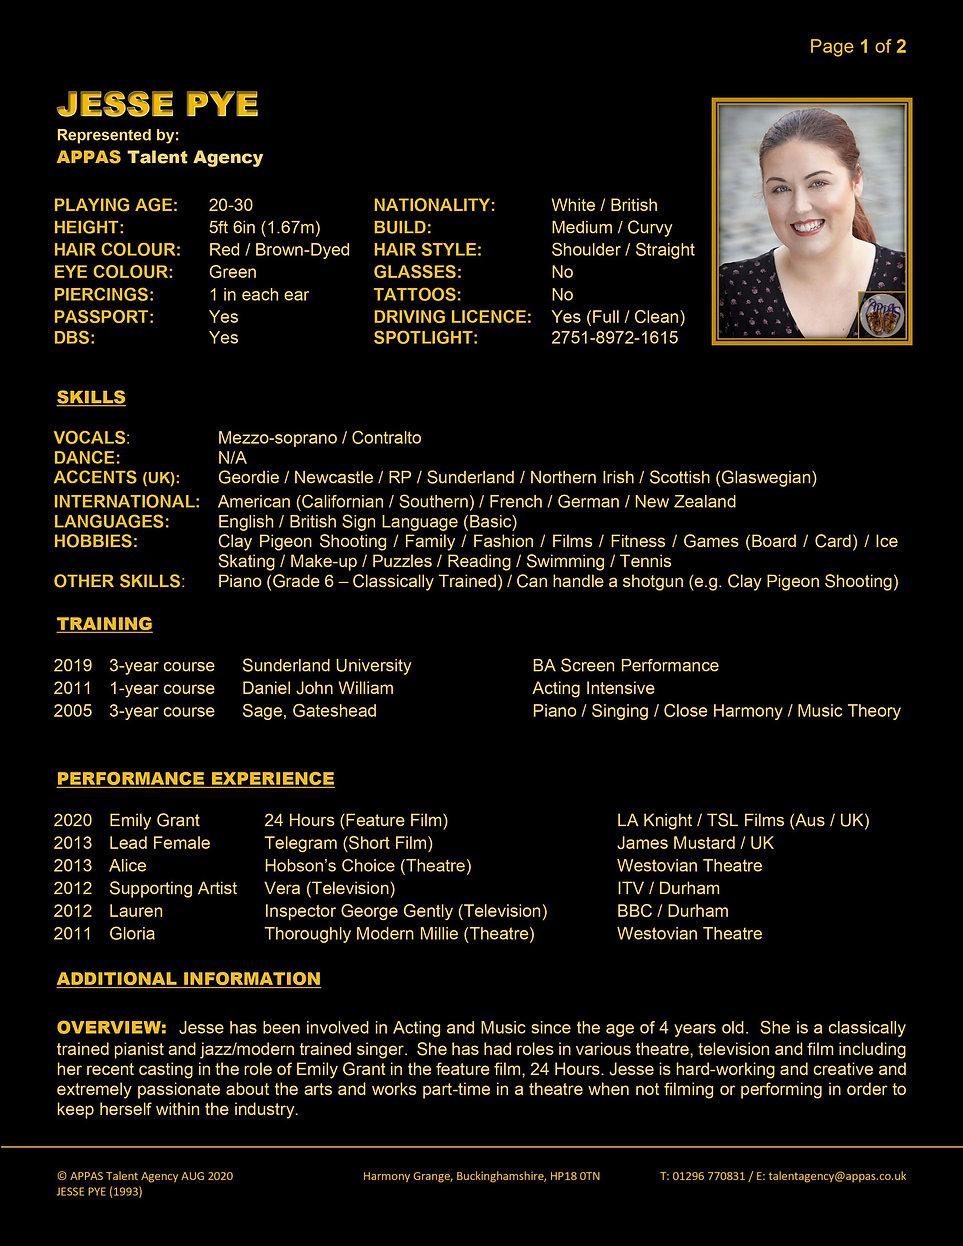 JESSICA PYE WEB CV (SEP 2020) 1.jpg